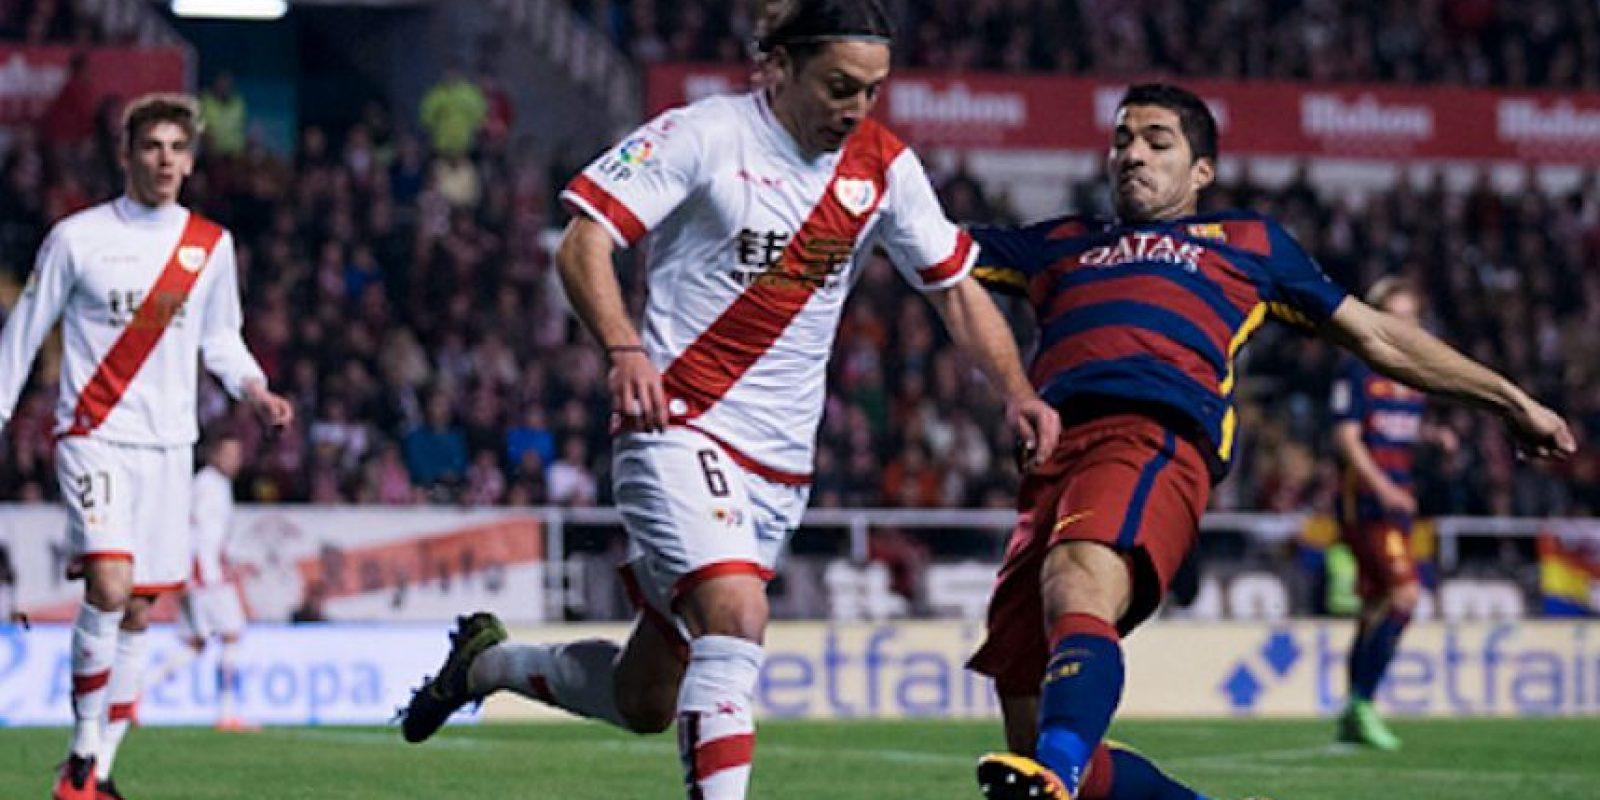 Iturra ha jugado en la Serie A y en La Liga española. Foto:Getty Images